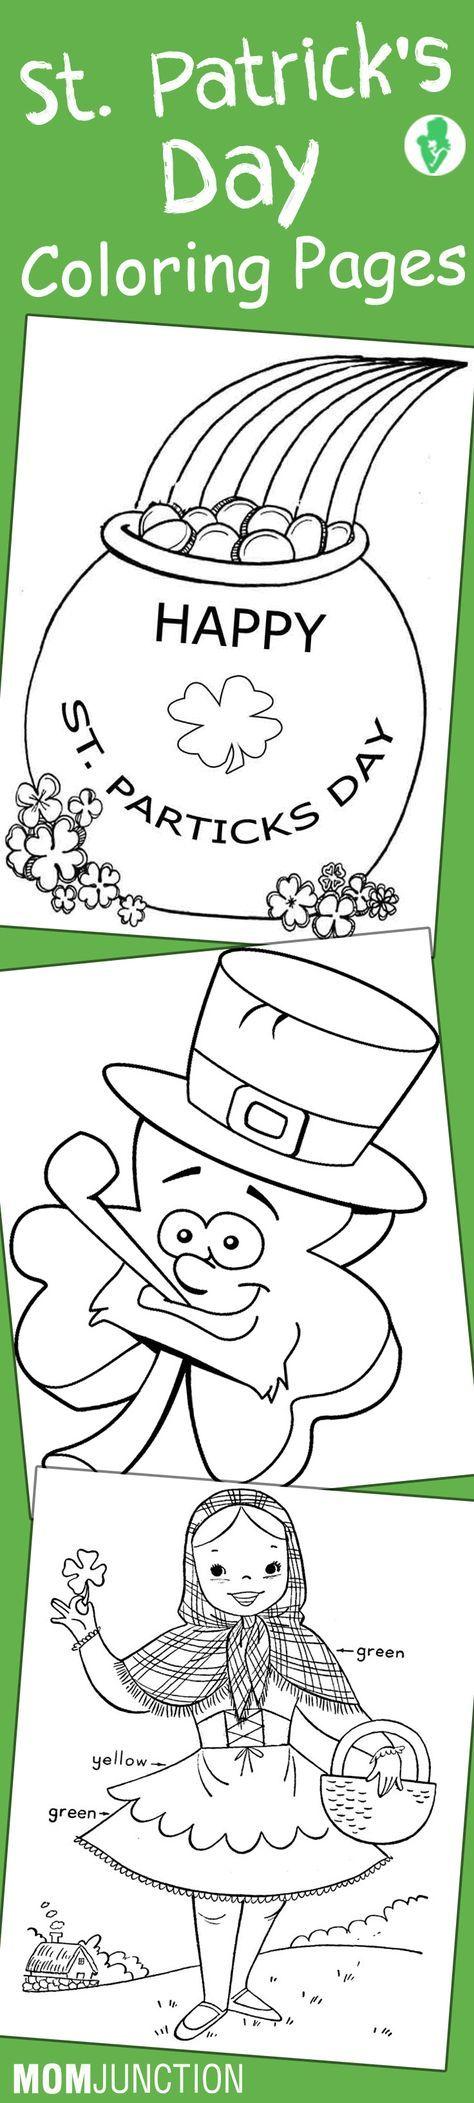 Fein St Patrick Ausmalbilder Für Kinder Bilder - Entry Level Resume ...